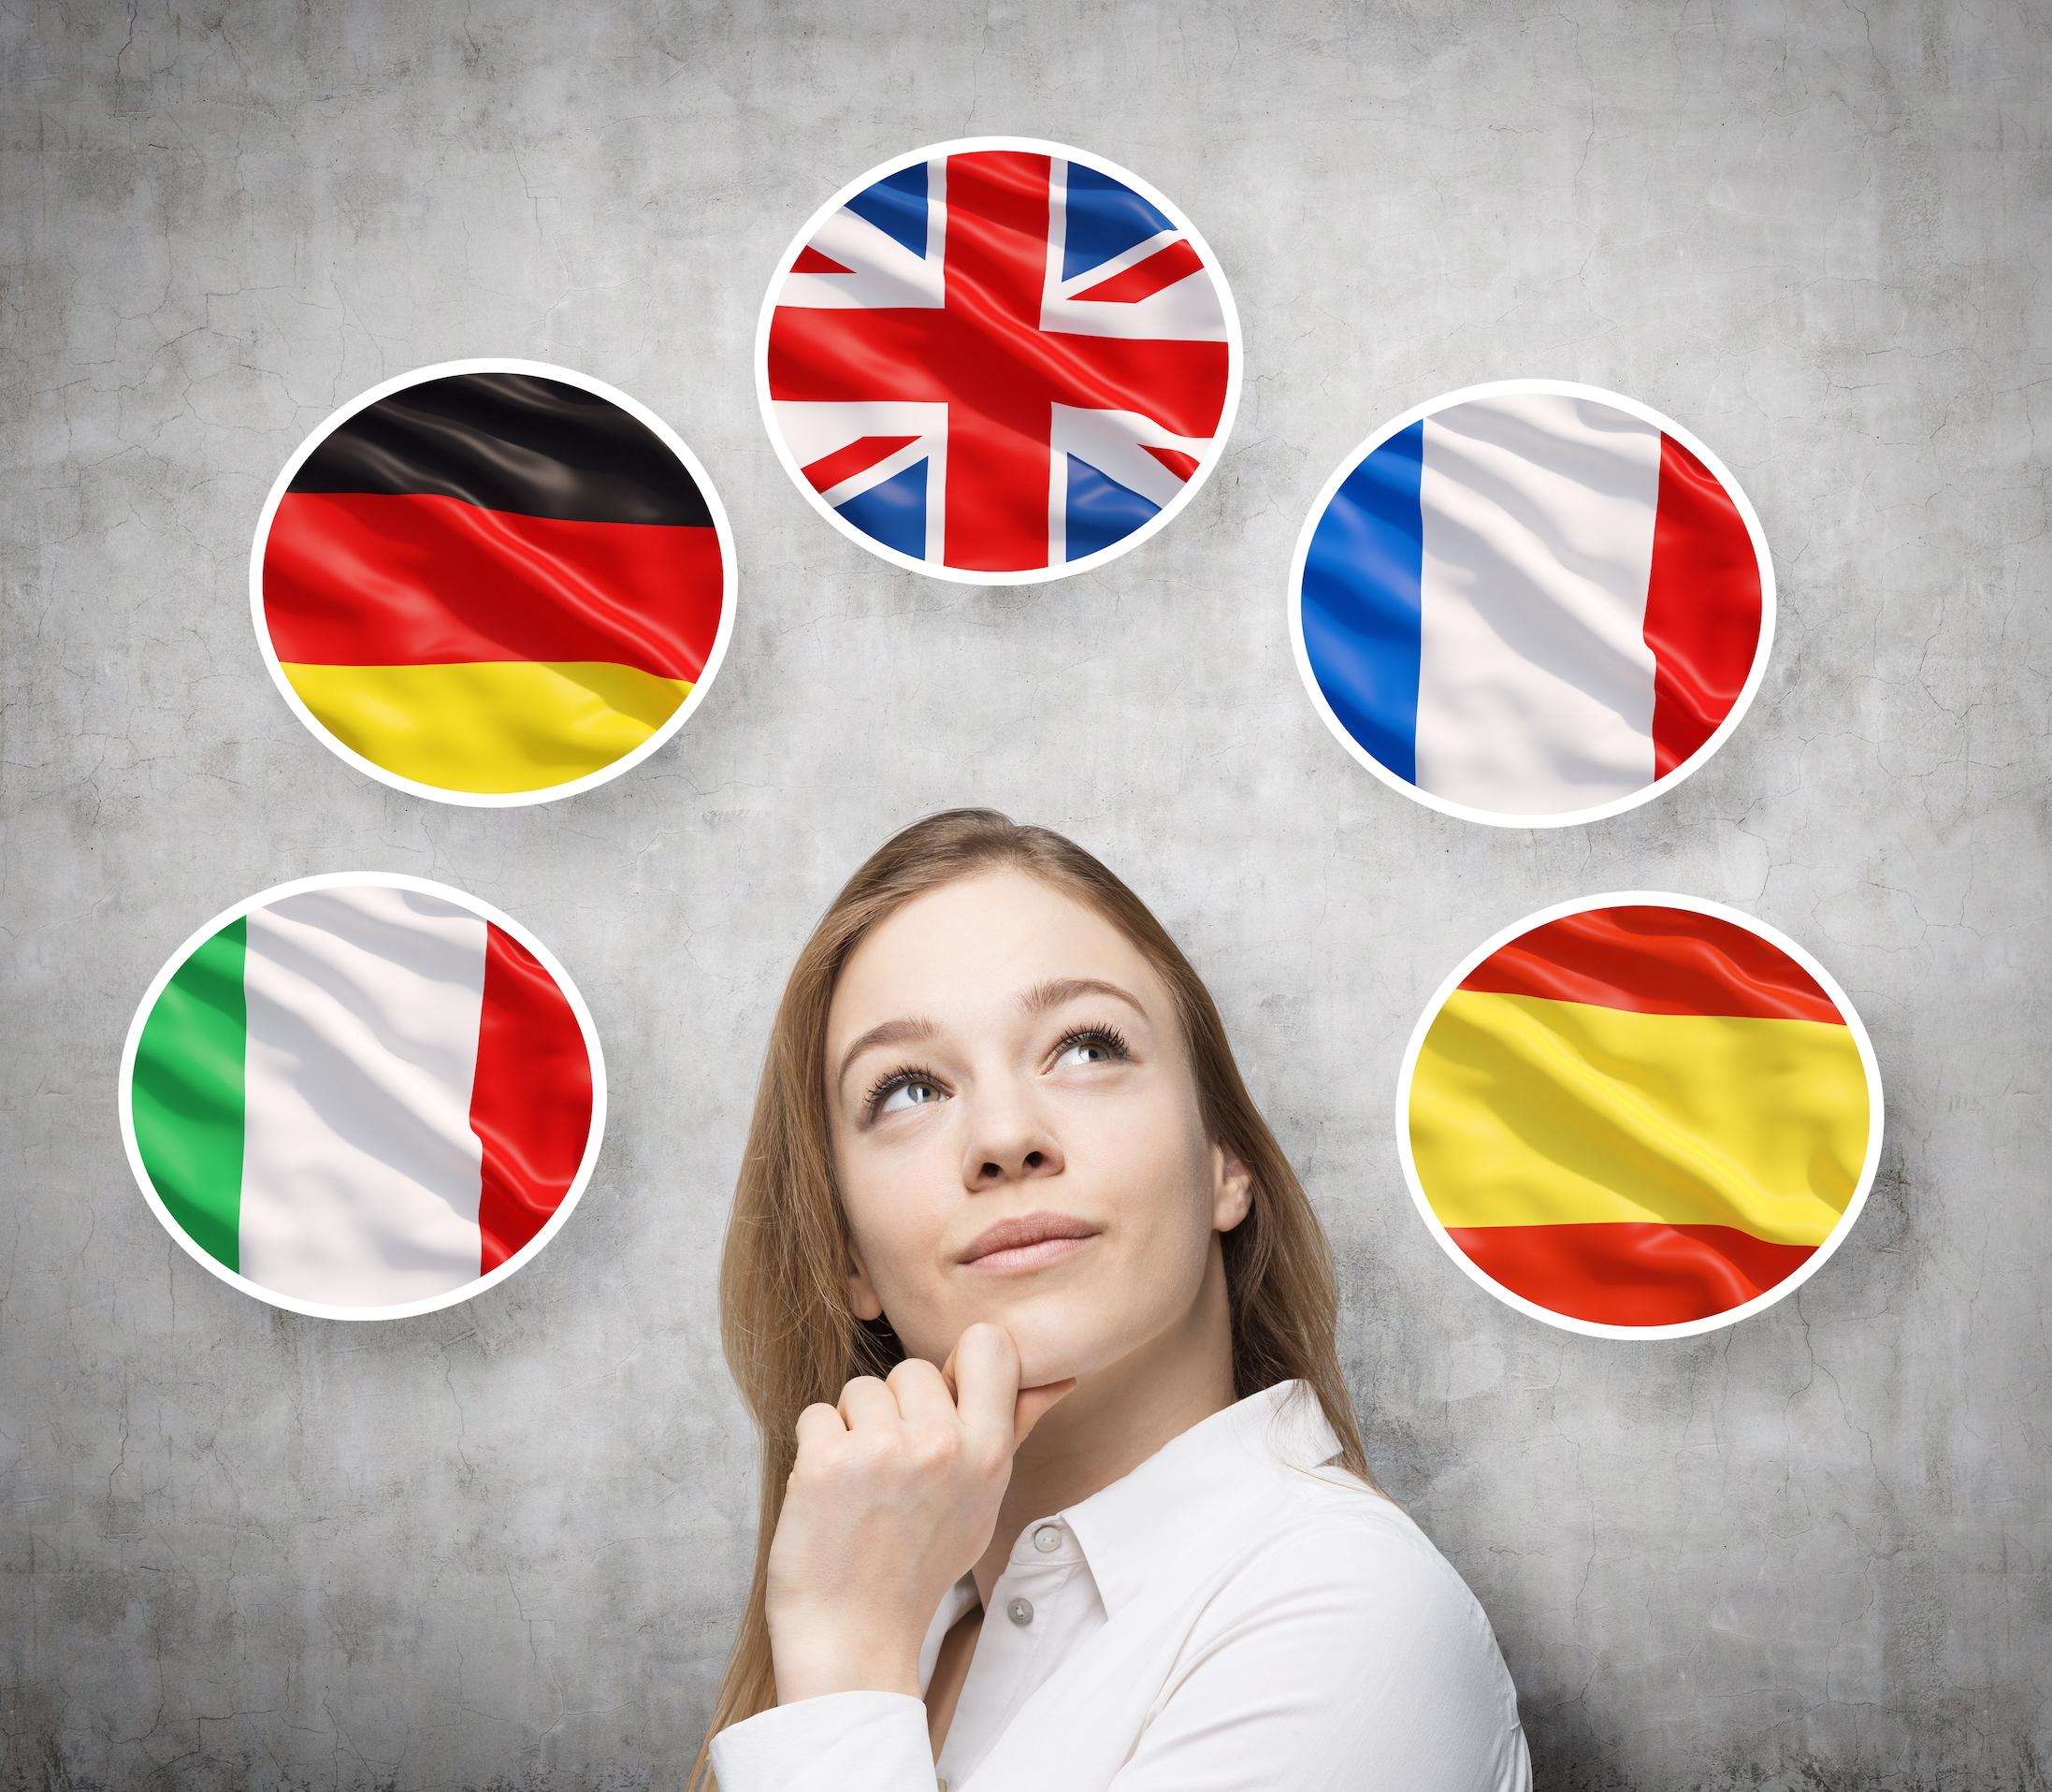 Czy znajomość języków obcych ma znaczenie?